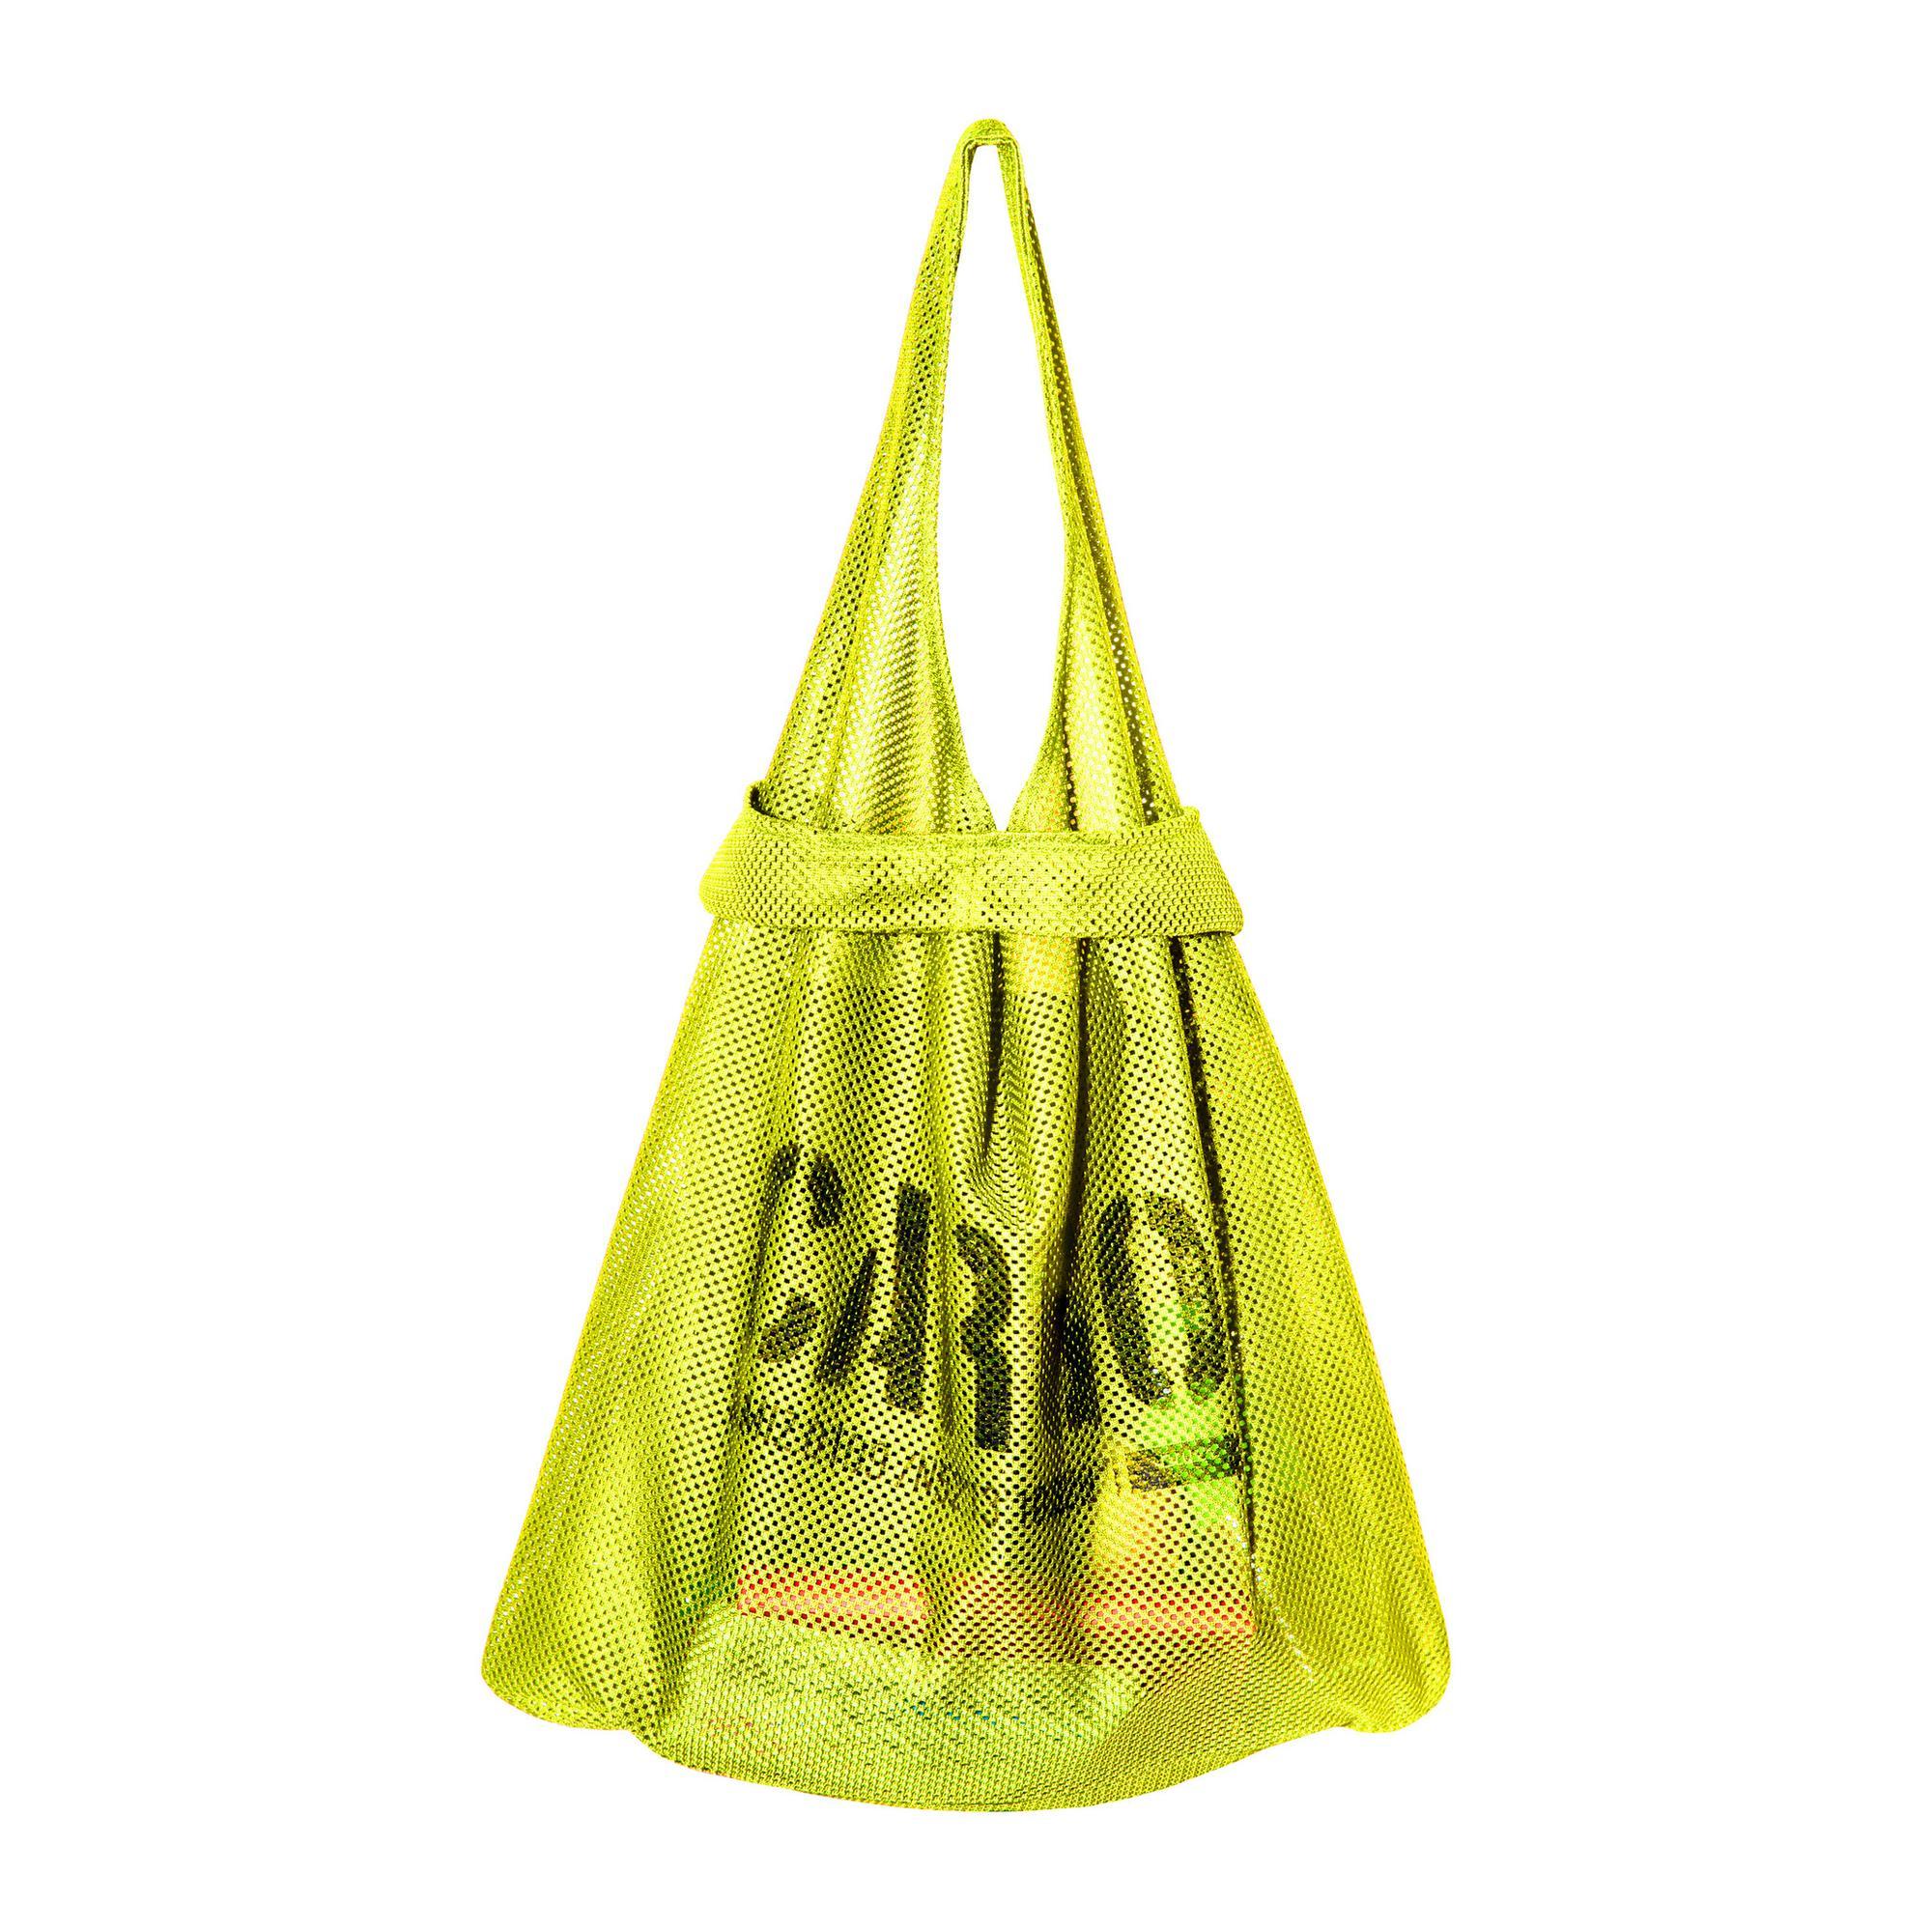 Torba Shopper Fluo Mesh - CARGO by OWEE